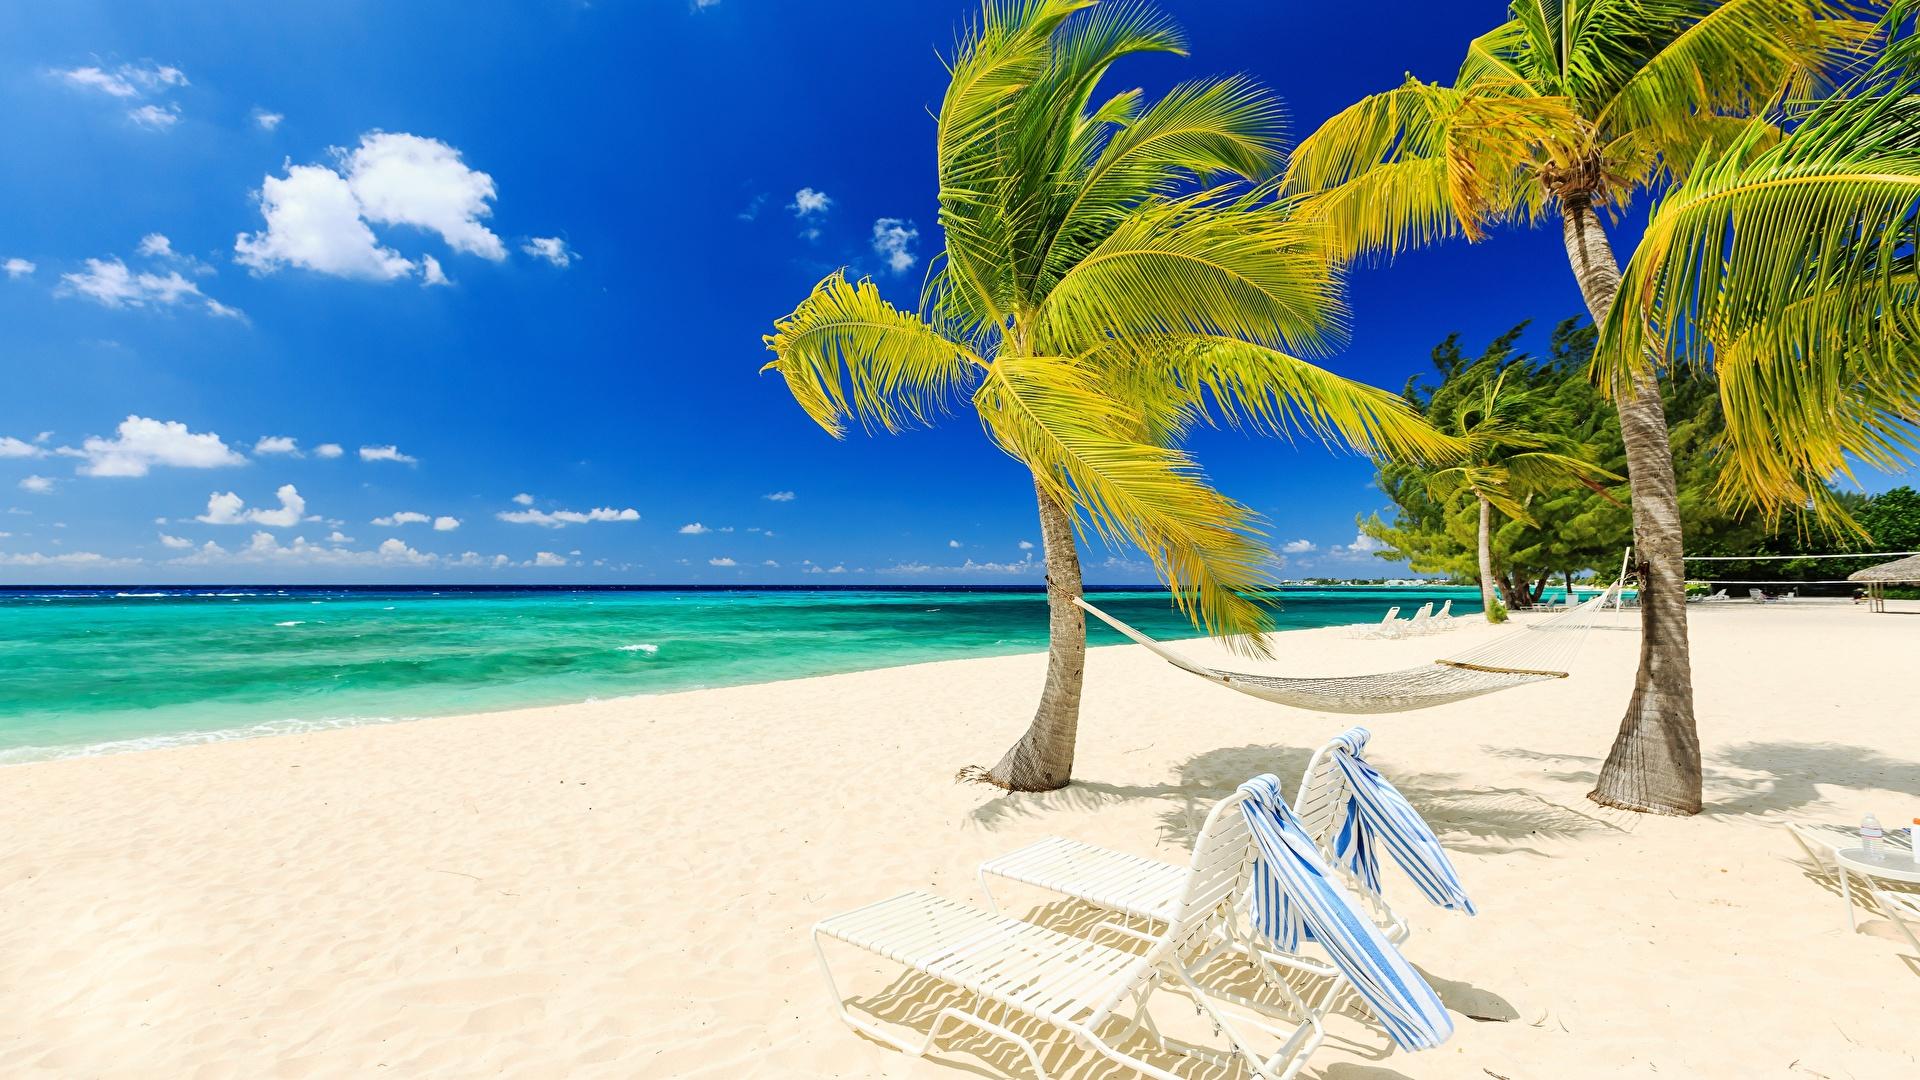 Фото пляж пальмы море